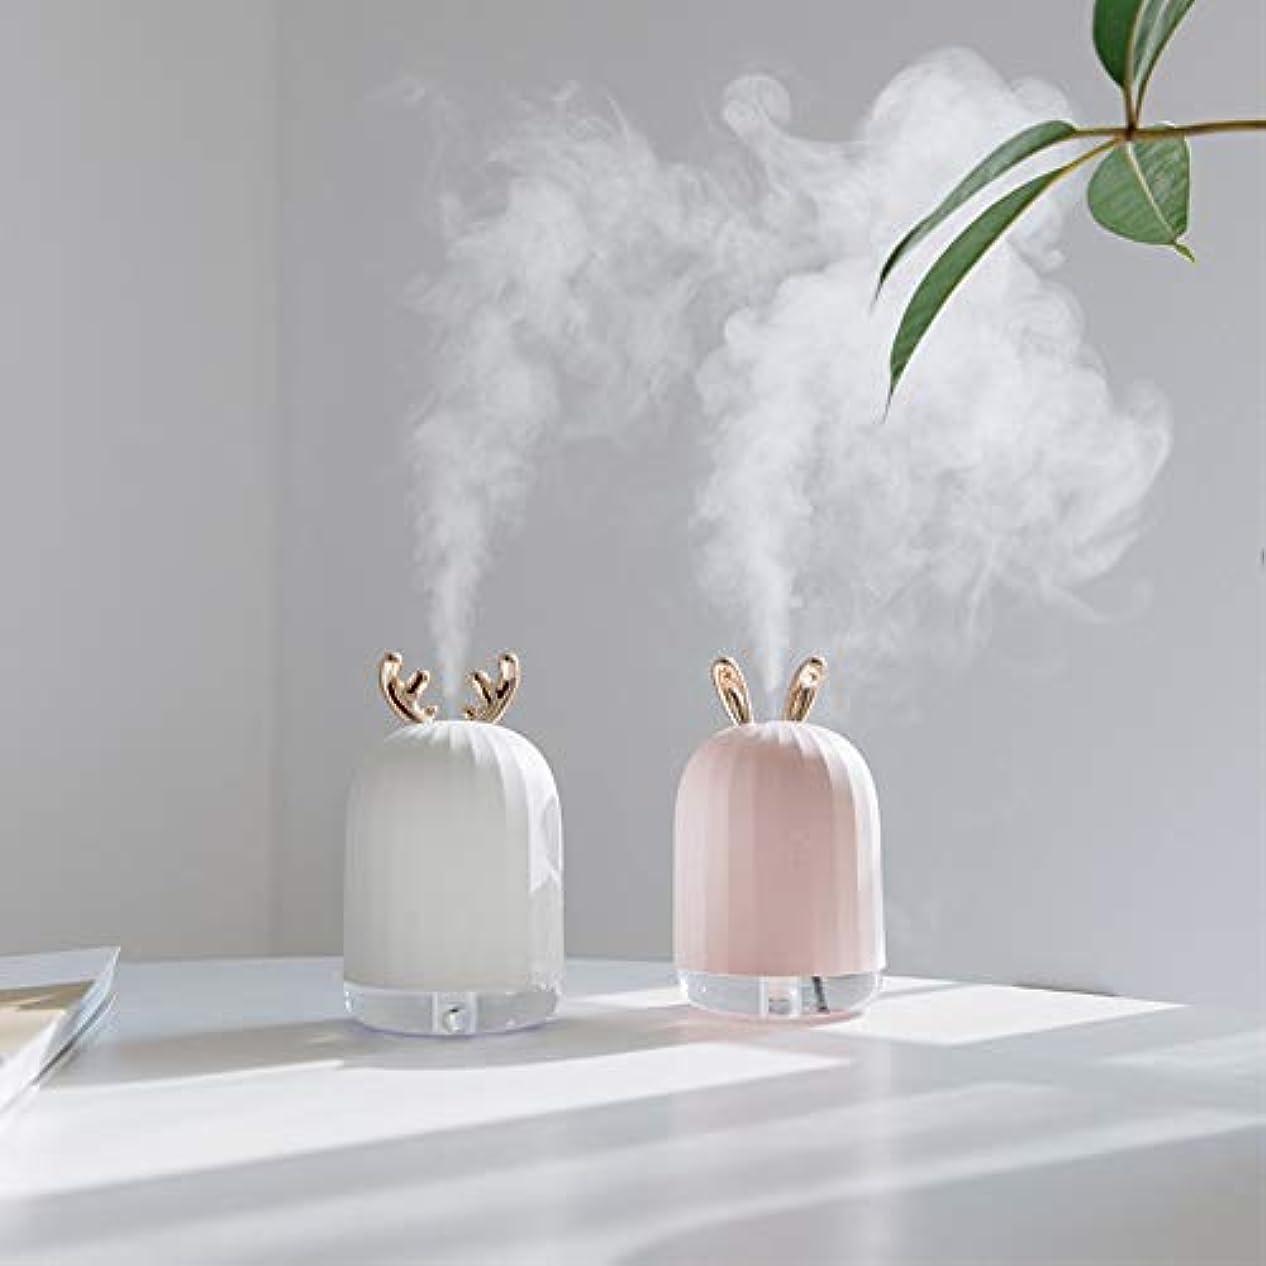 両方やりがいのあるお風呂ZXF LED水蒸気顔加湿器usb充電ナノスプレーカラフルな雰囲気ライトホワイトアントラーズピンクうさぎモデルでクリエイティブ美容水和機器コールドスプレークリエイティブ 滑らかである (色 : White)